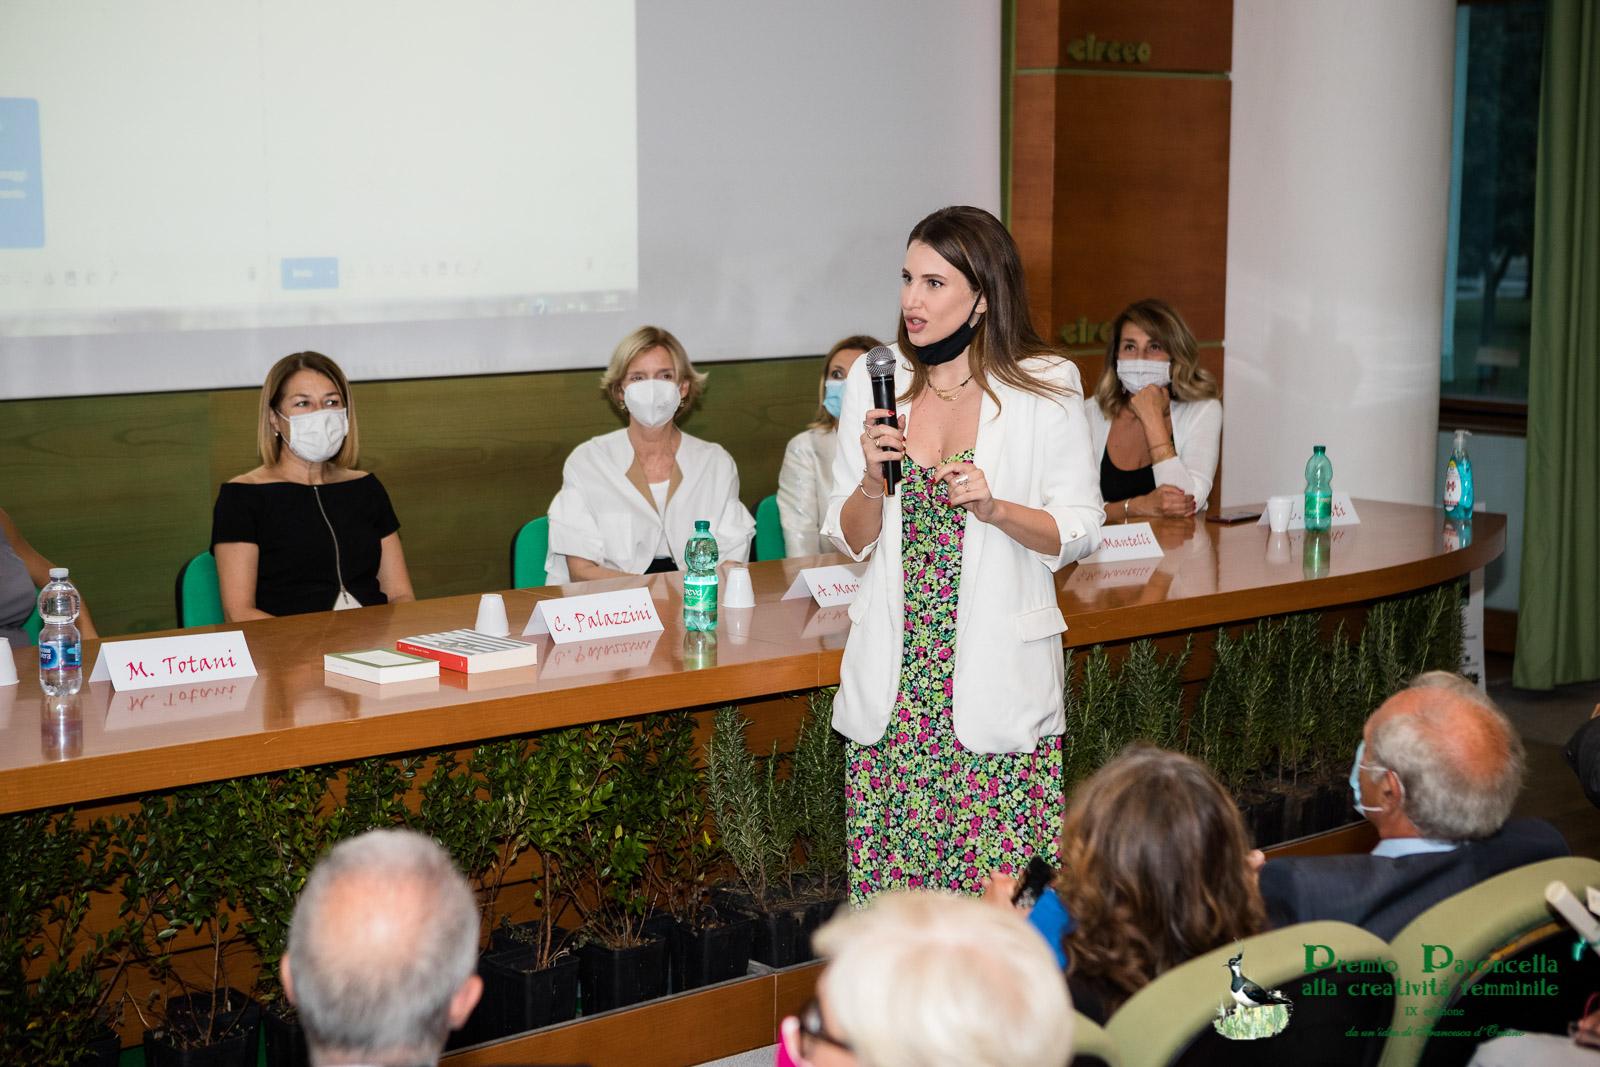 Ottavia di Capua Mattarella dopo aver premiato, via zoom, Marta Rizzato